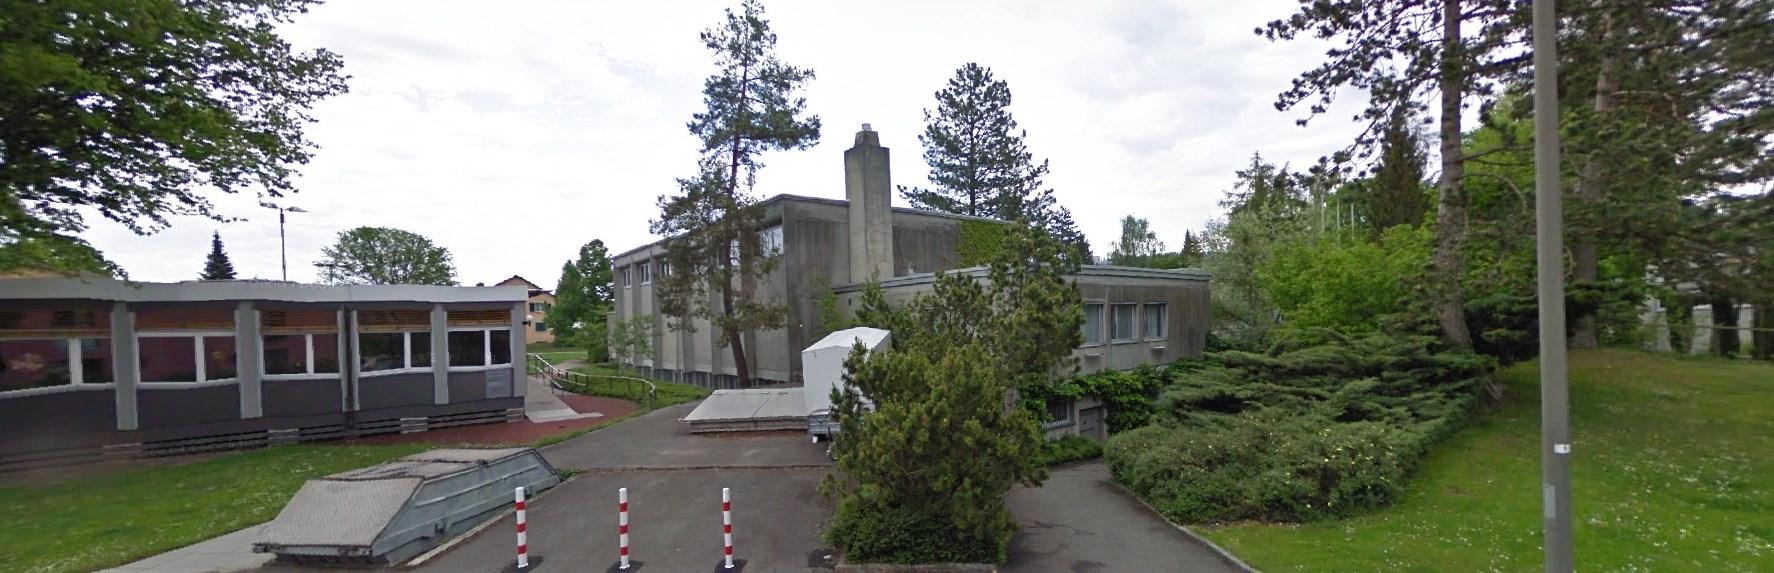 Schulhaus Hegifeld